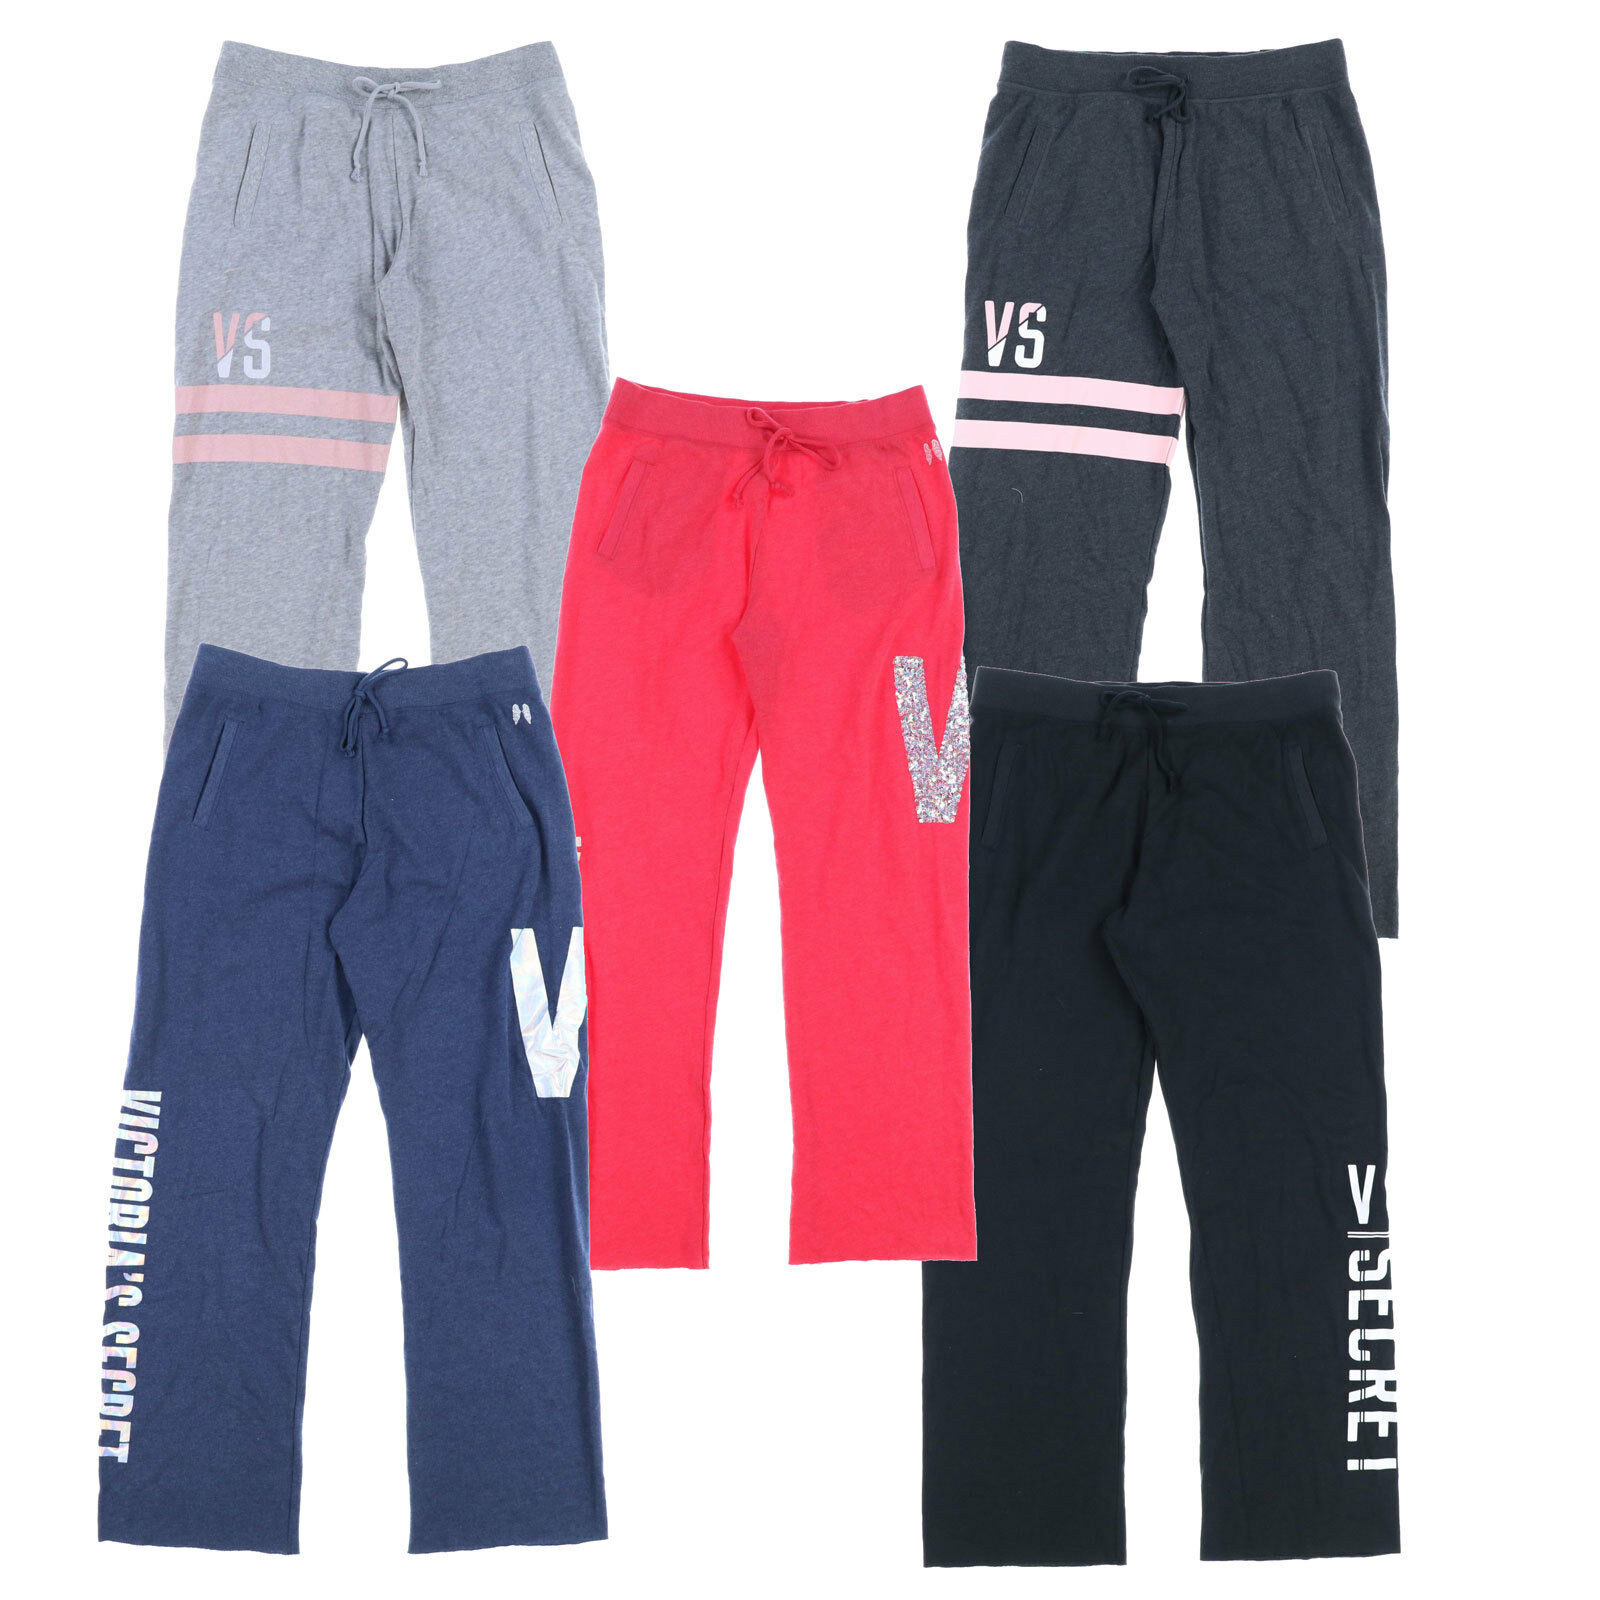 Victoria's Secret Sweatpants Angel Boyfriend Fit Relaxed Fit Lounge Pant Vs New